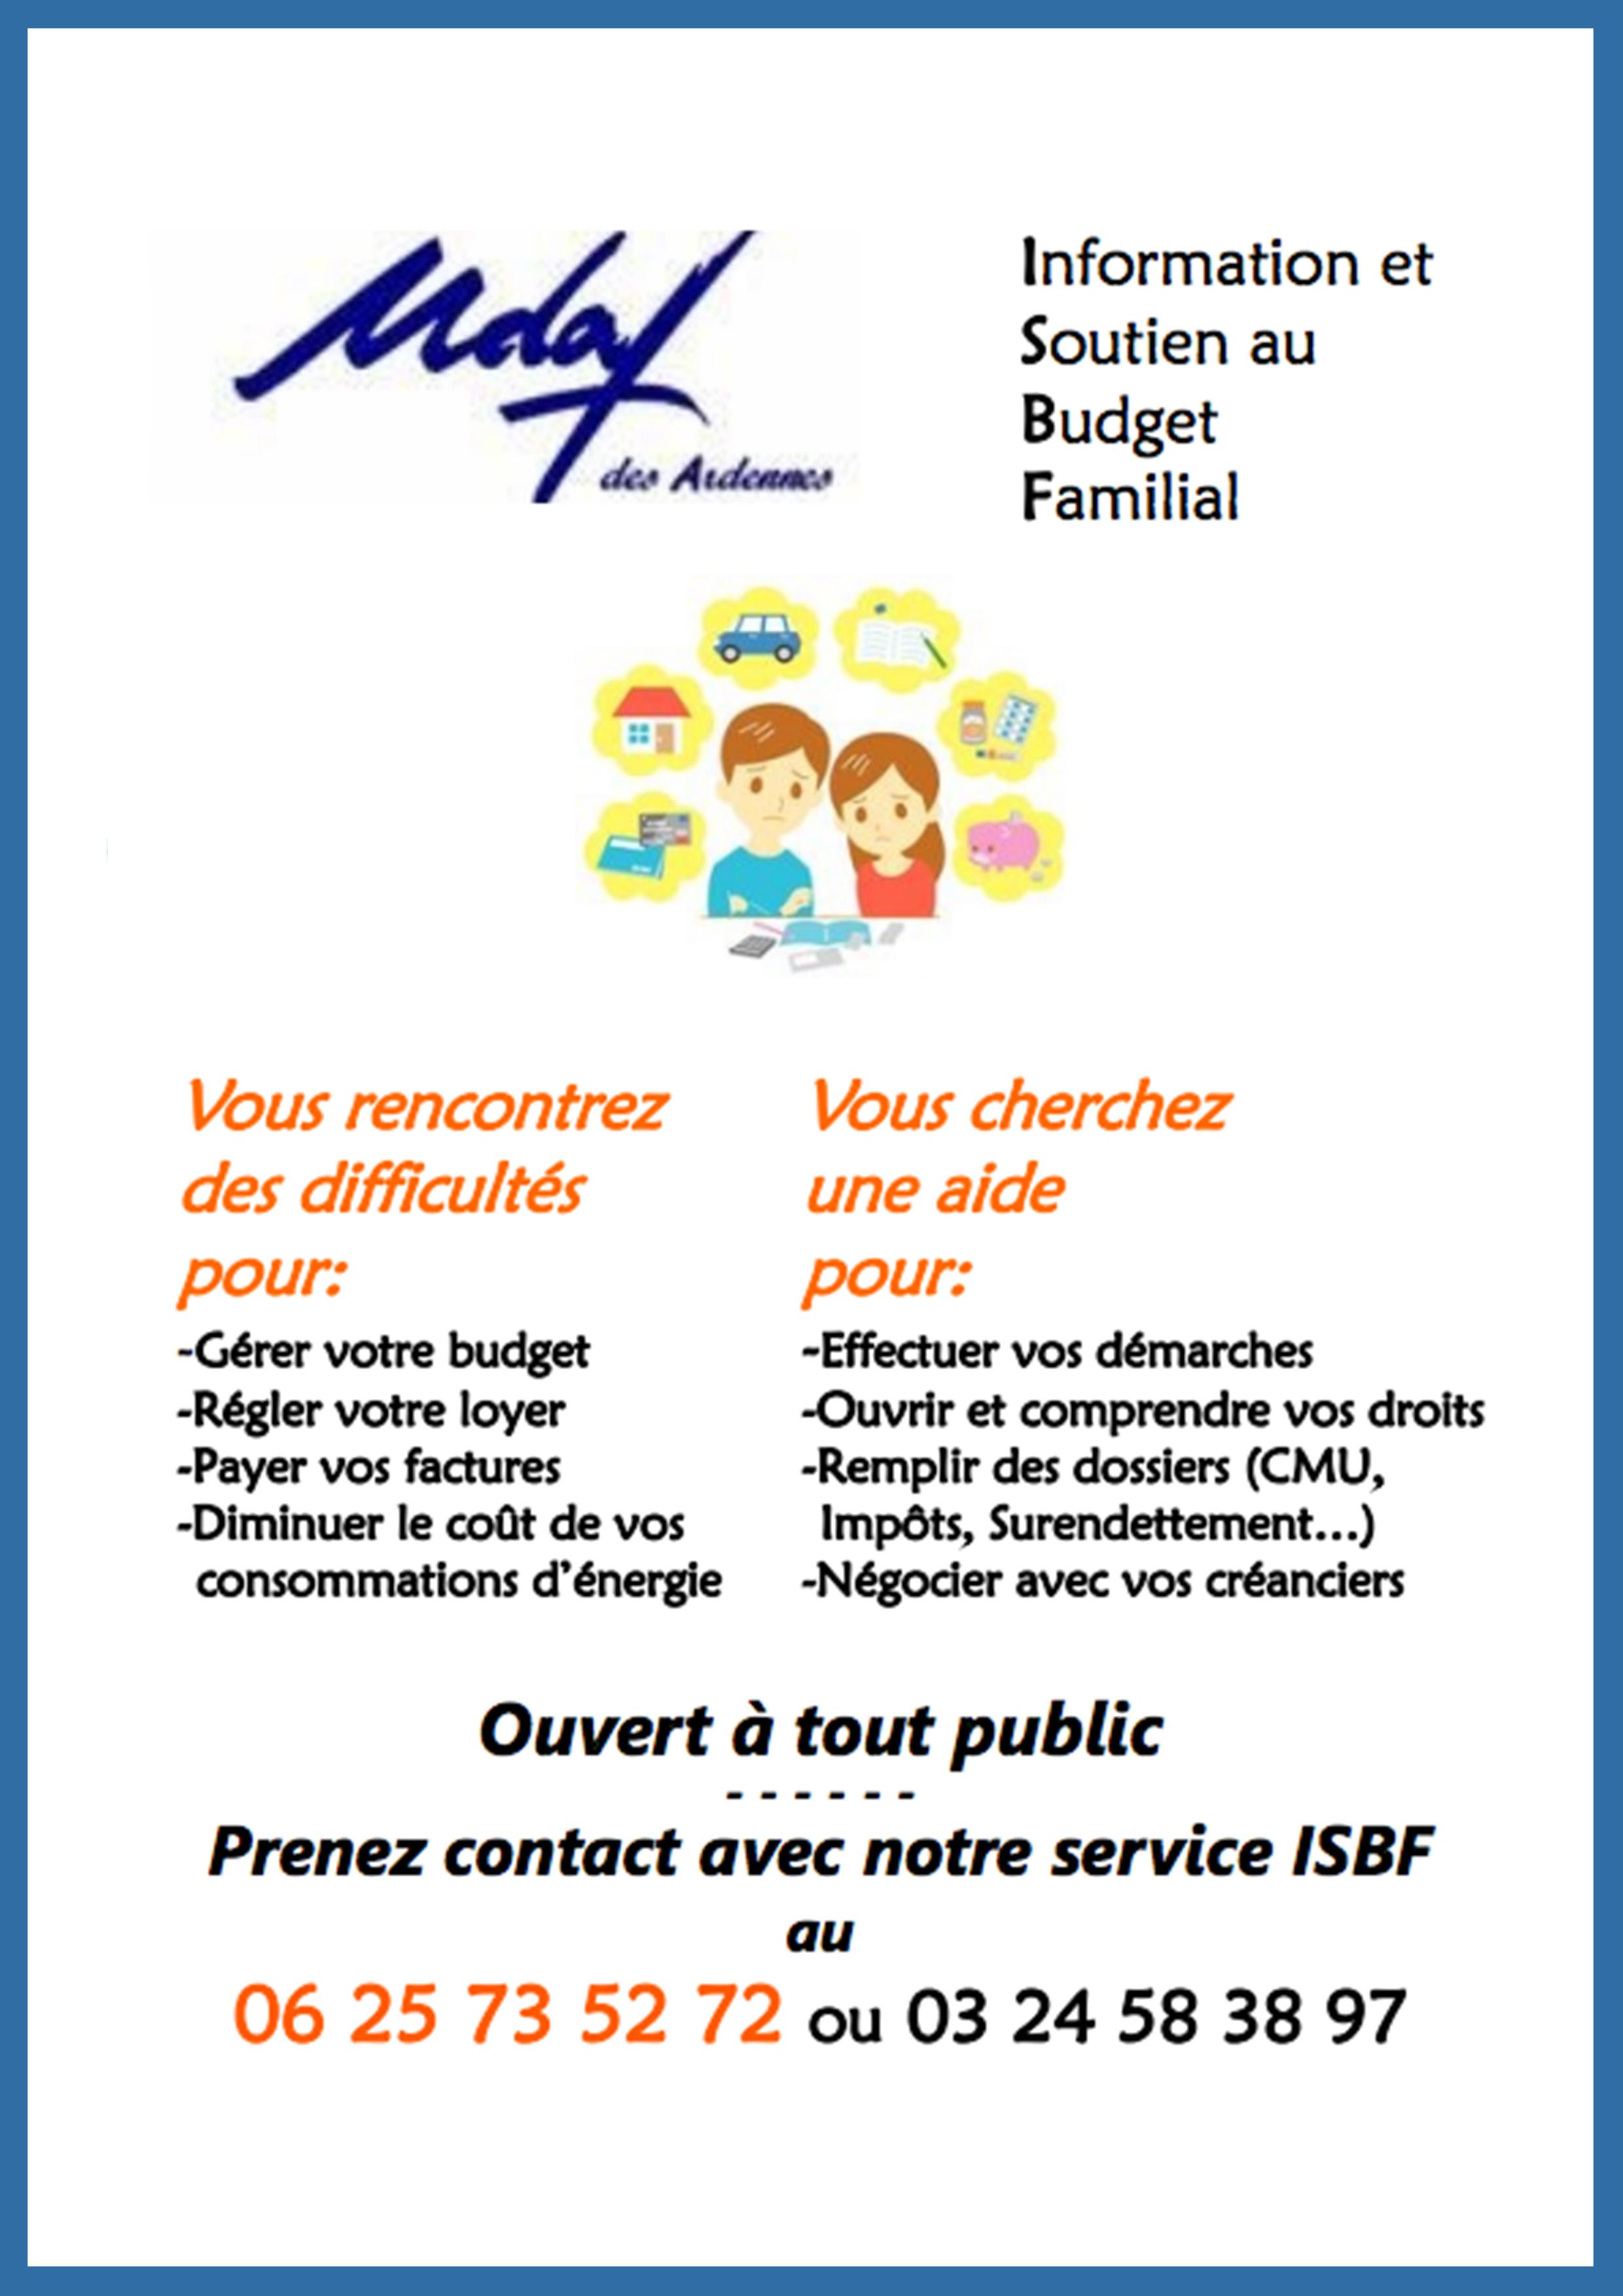 c690c5882f3 Plaquette information et soutien au budget familial - UDAF des Ardennes